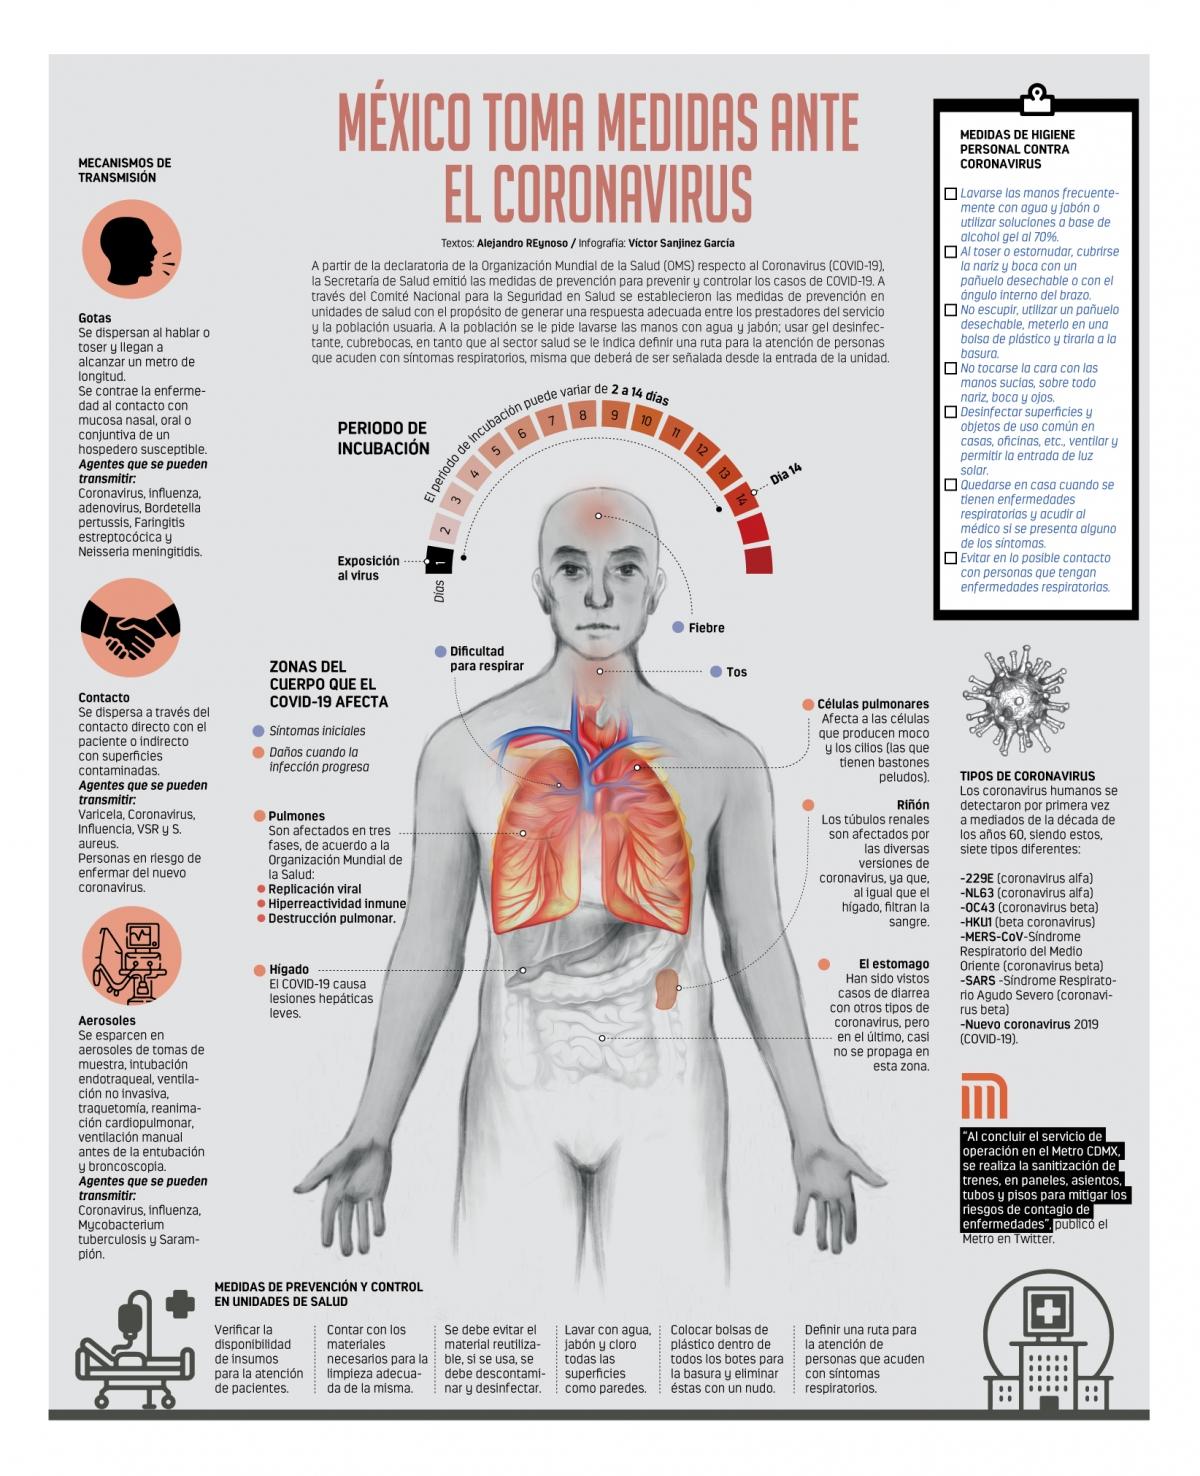 México toma medidas contra el Coronavirus